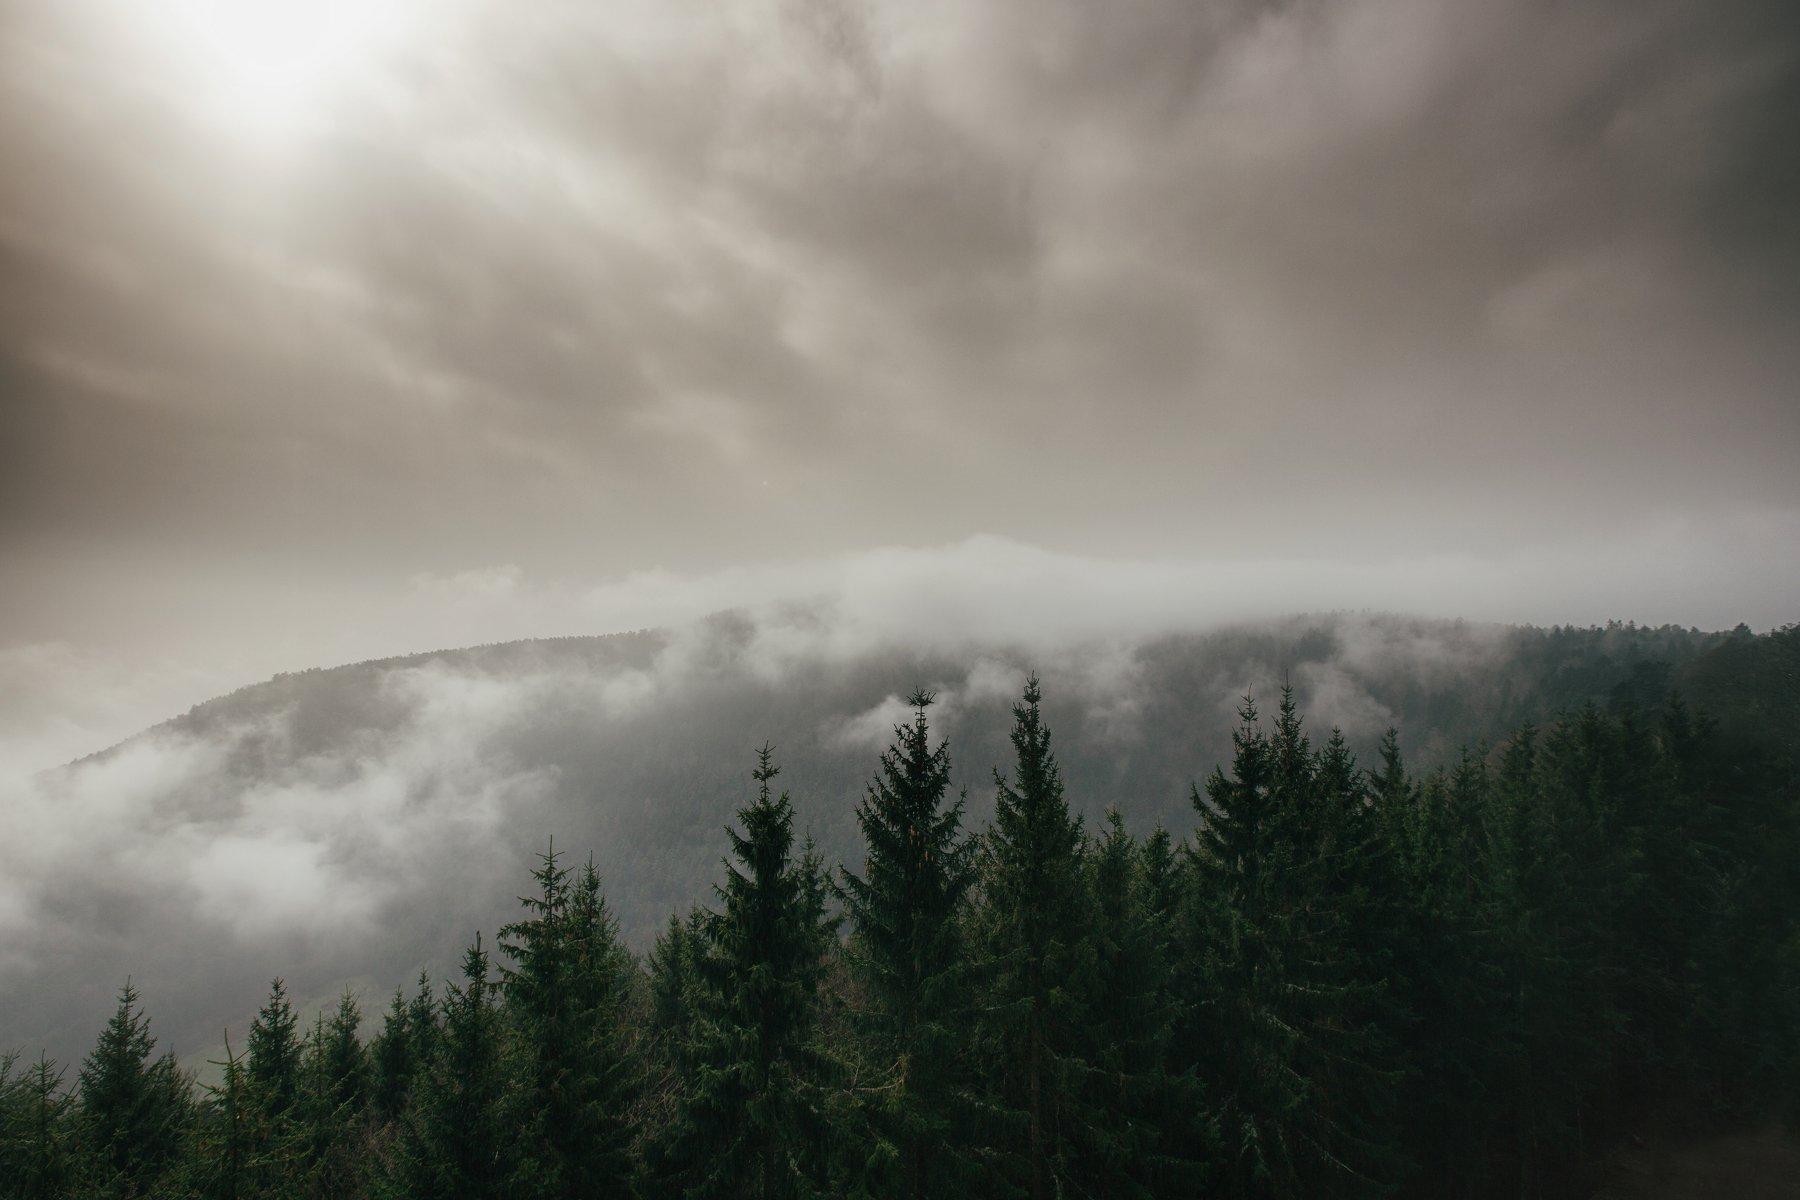 fog morning forest alone france lanscape land silent strasbourg Church otrott Mont-Sainte-Odile, Nicolai